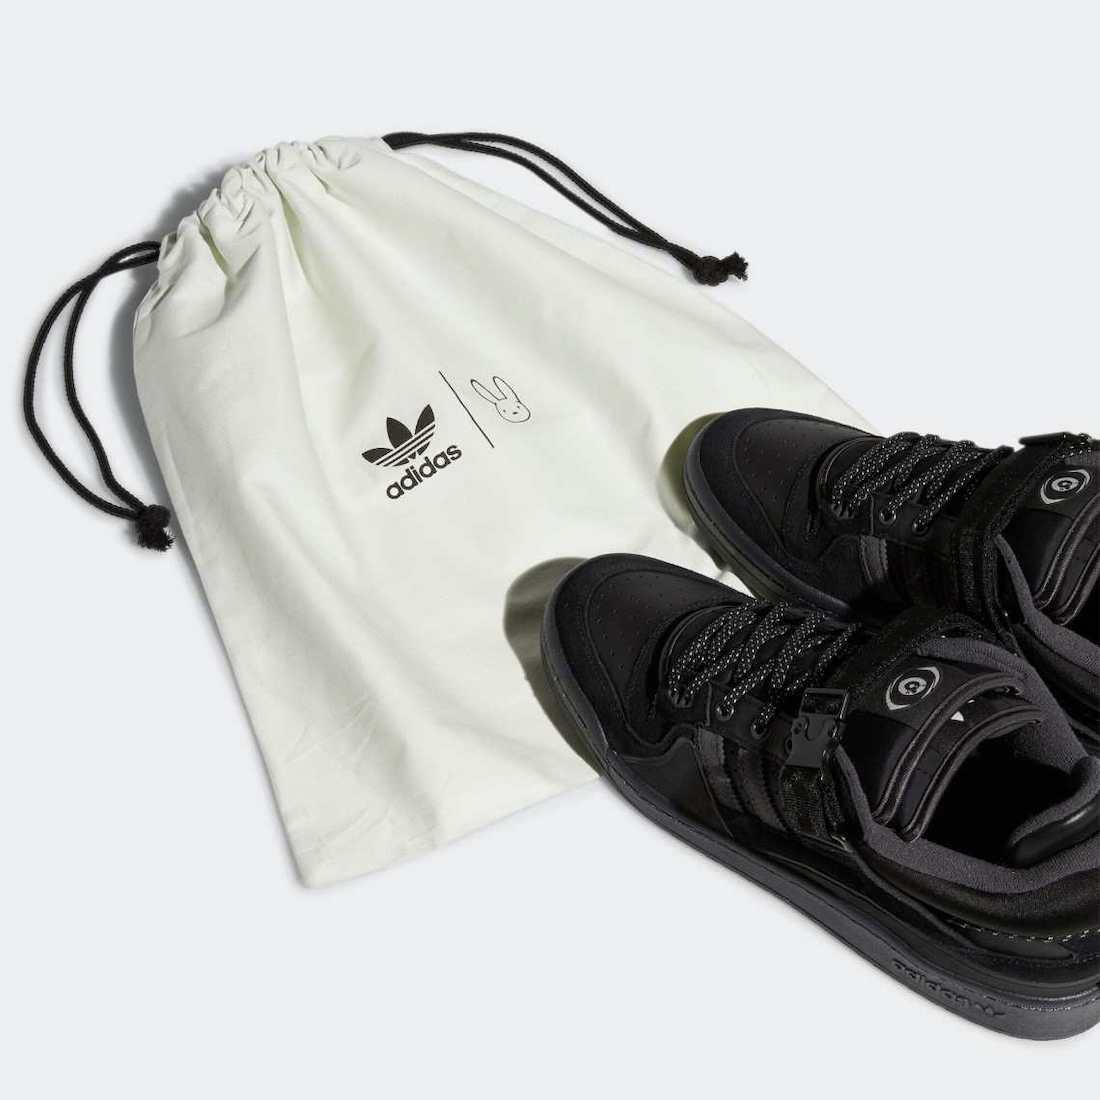 双鞋,舌,鞋带,面罩,全新,Bad,Bunny,adidas  双鞋舌 + 鞋带面罩!全新 Bad Bunny x adidas 发售信息曝光!